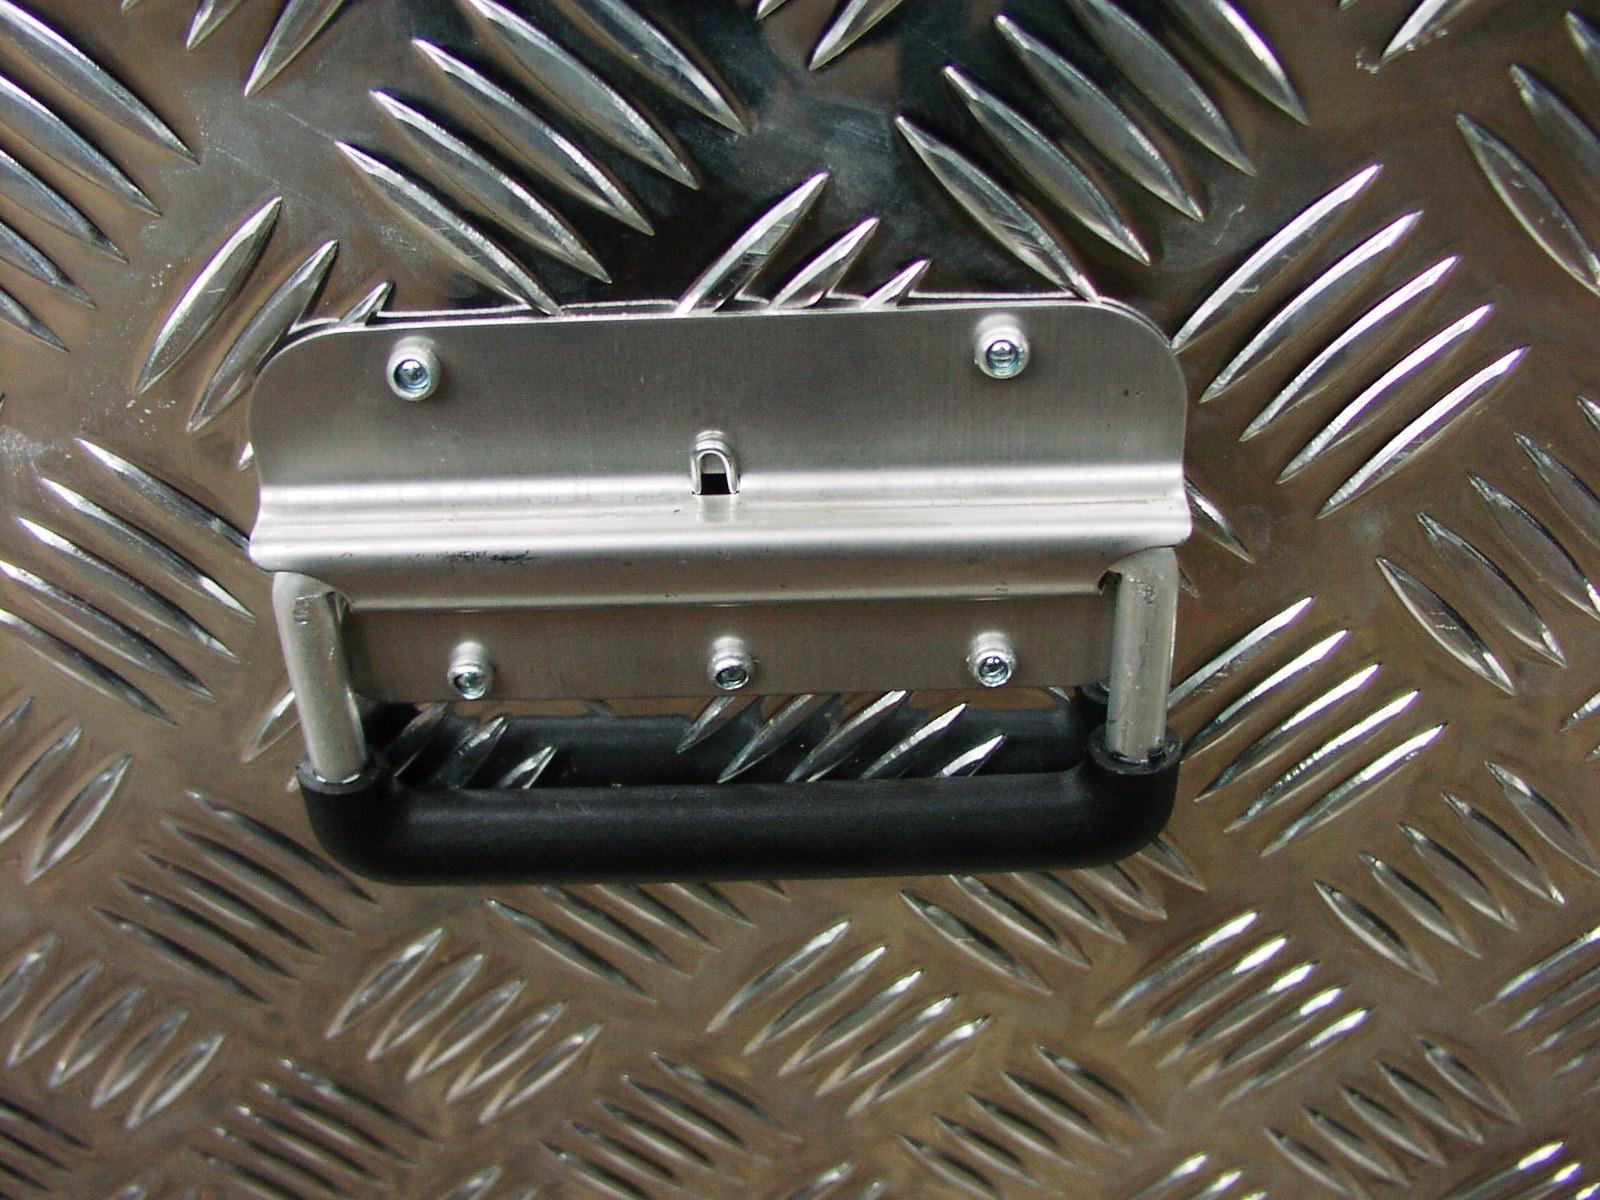 alu riffelblech alubox staubox deichselbox pkw anh nger aluminium werkzeugkasten ebay. Black Bedroom Furniture Sets. Home Design Ideas